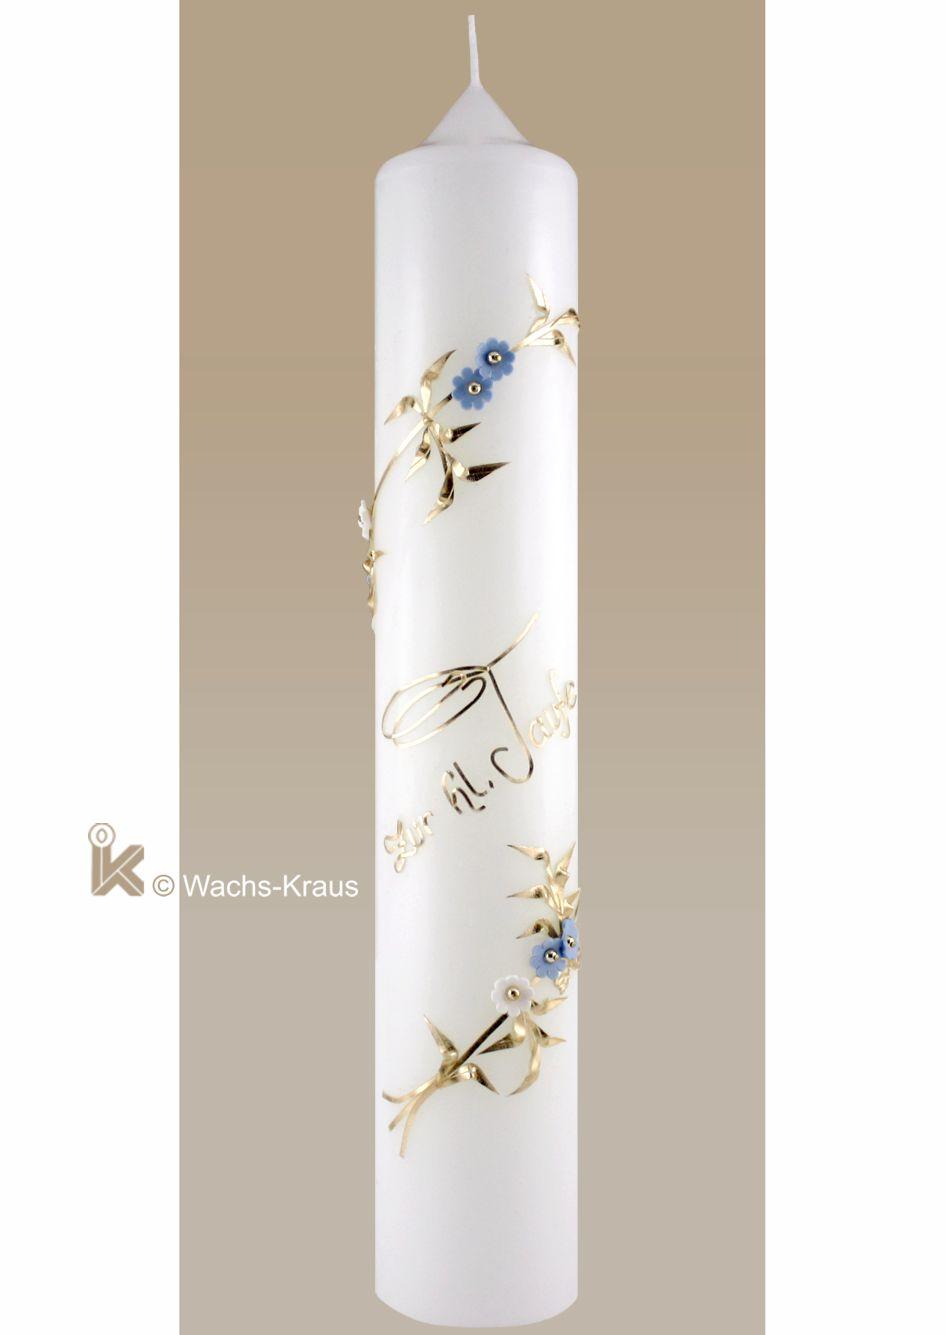 Taufkerze für Jungen mit zwei umlaufenden goldenen Ranken mit Blüten und Blättern. Dazwischen fein gelegt die Schrift: zur hl. Taufe.